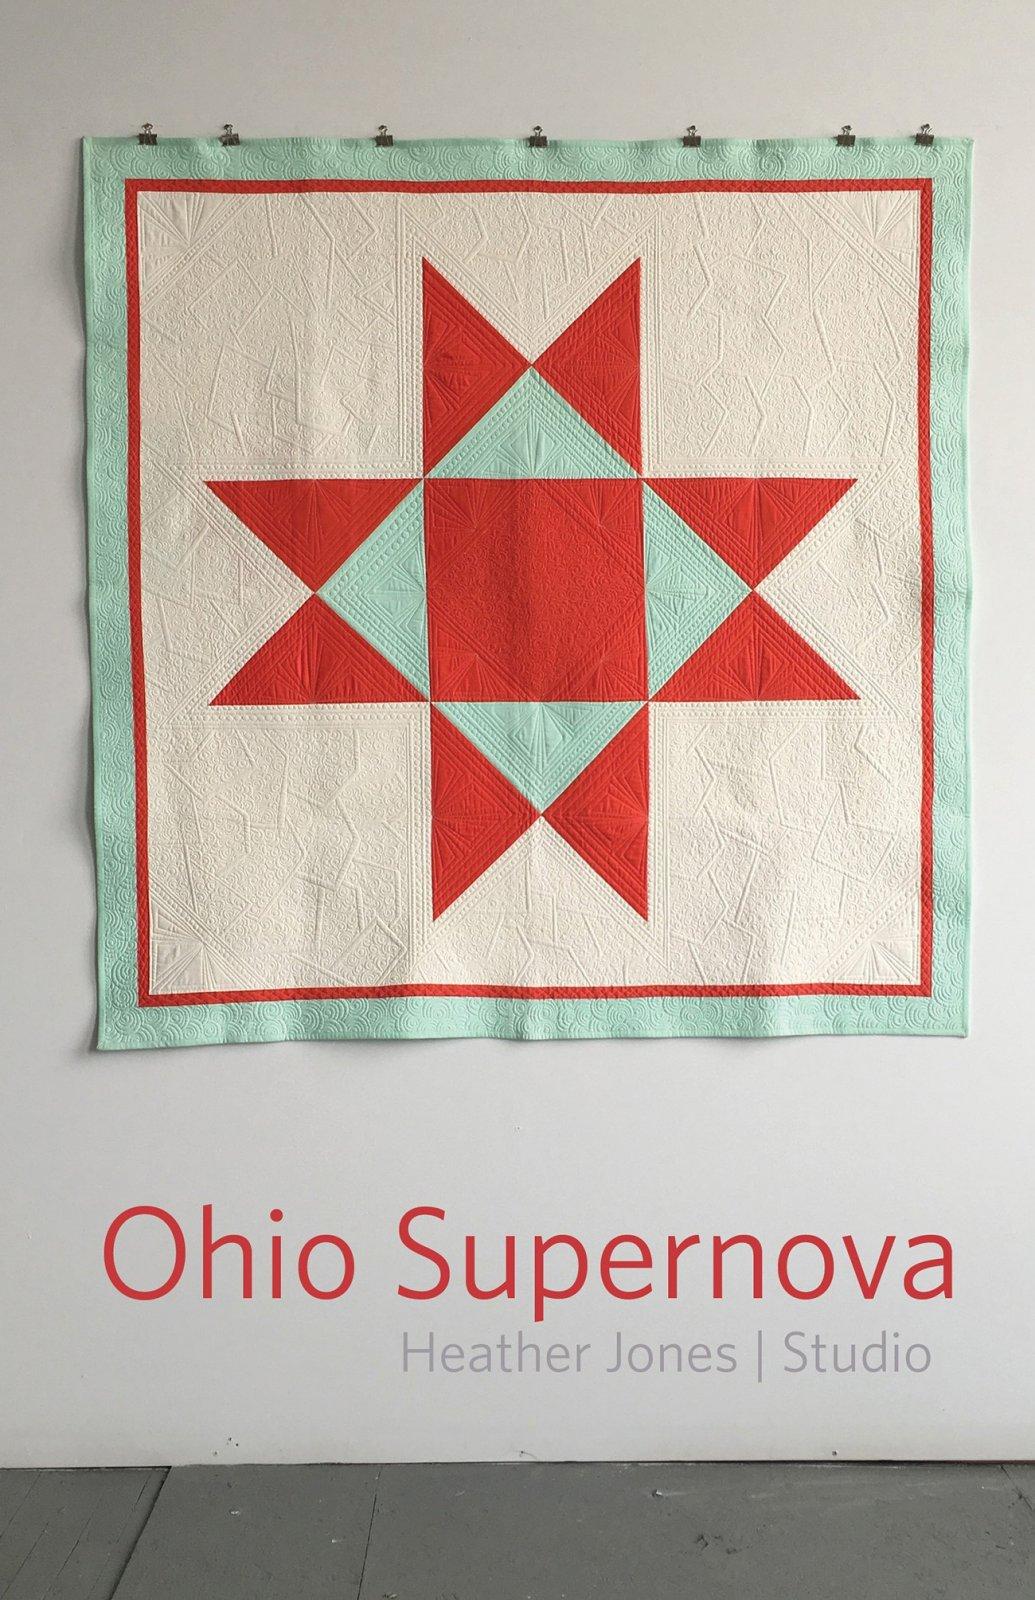 Ohio Supernova